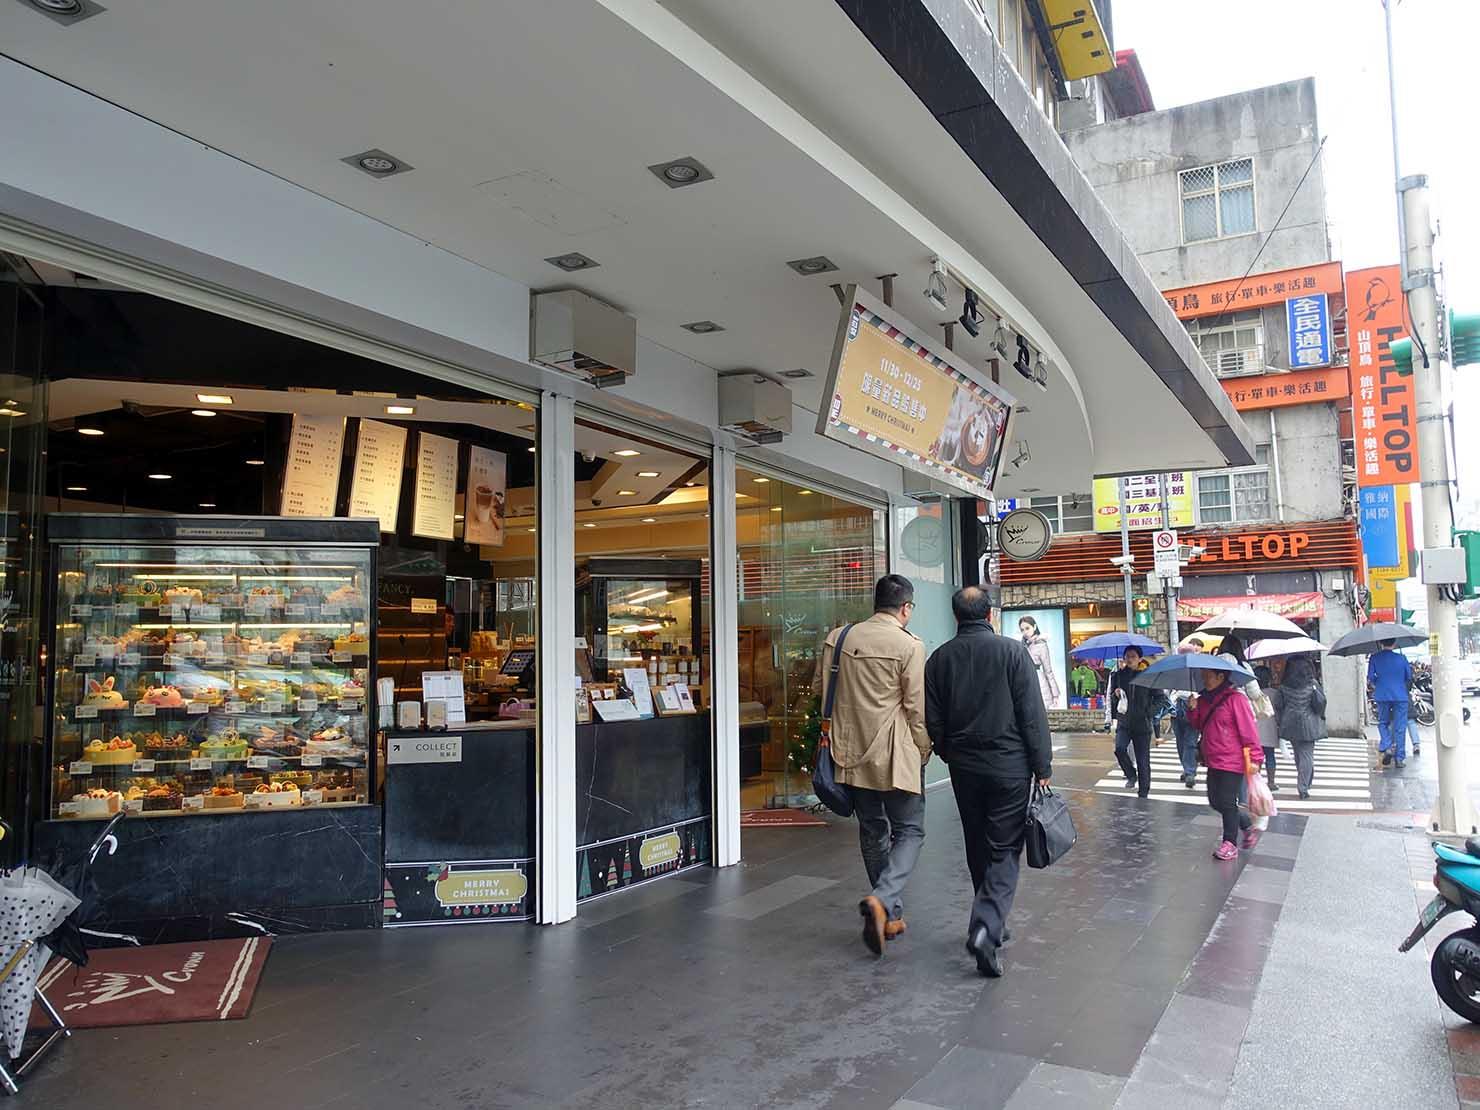 台北MRT(地下鉄)市政府駅前の交差点「忠孝永吉路口」